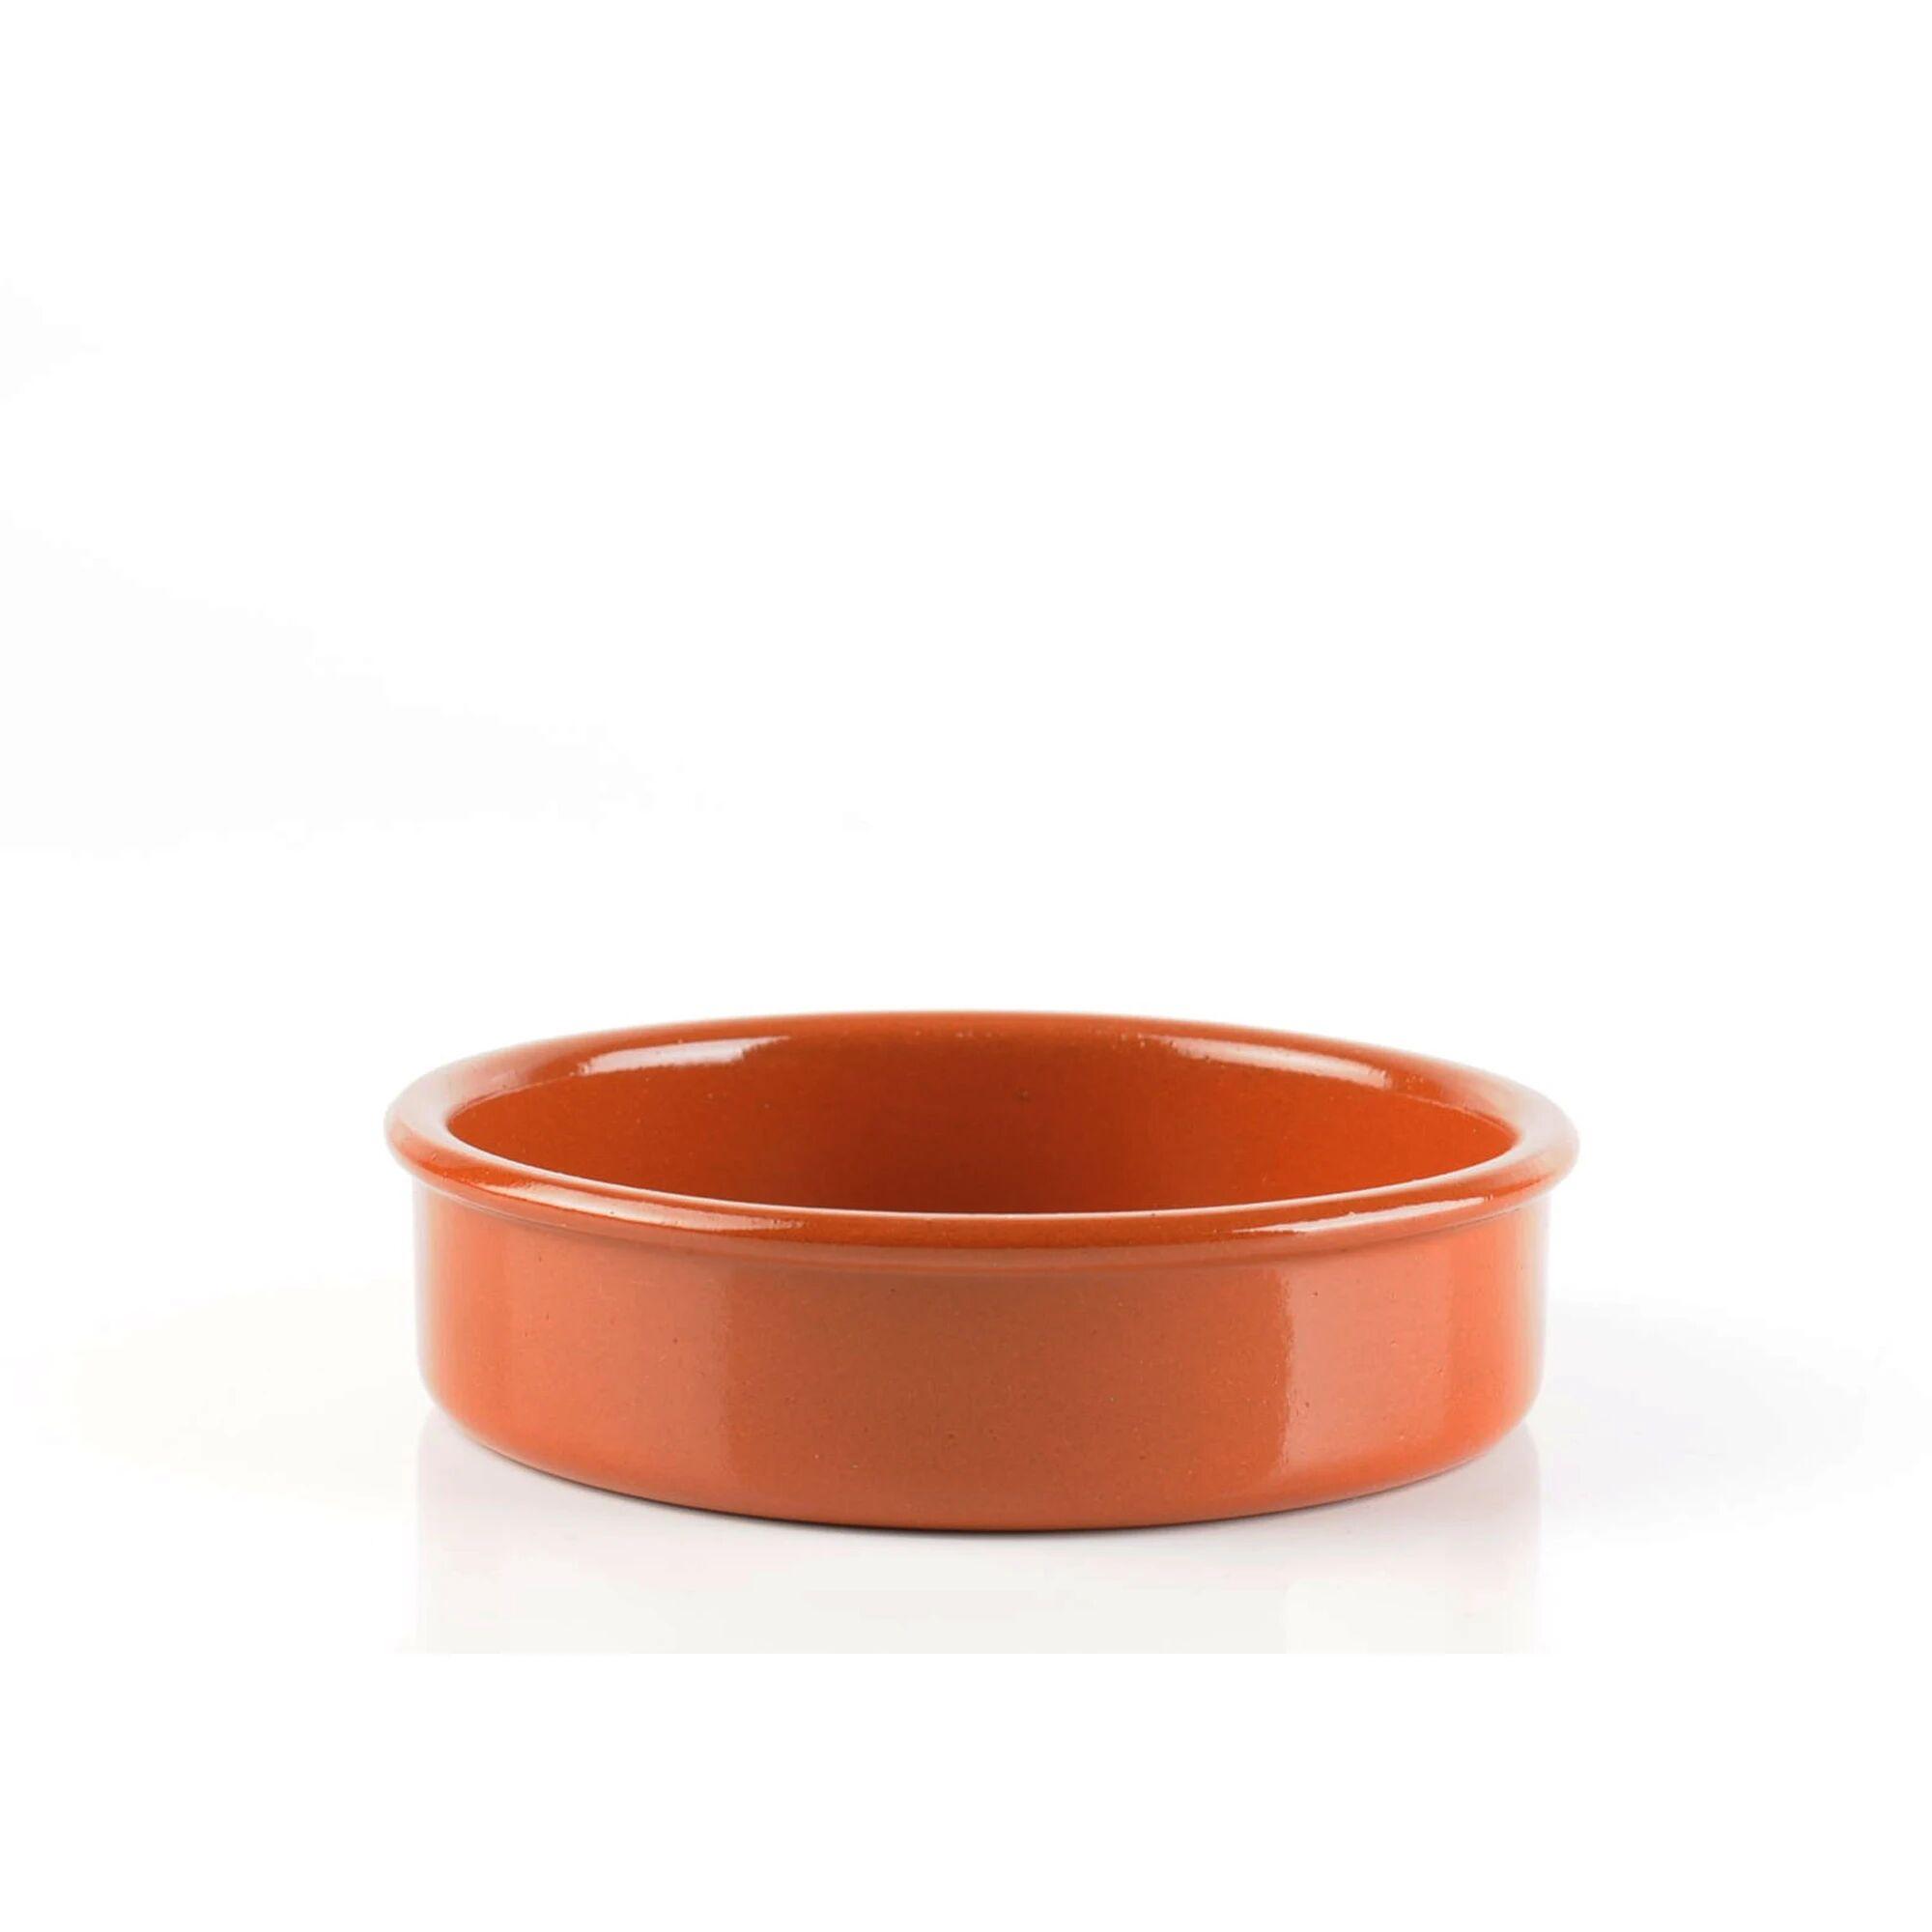 Pas de marque Coupelle pour tapas ou crème brûlée en céramique 14cm